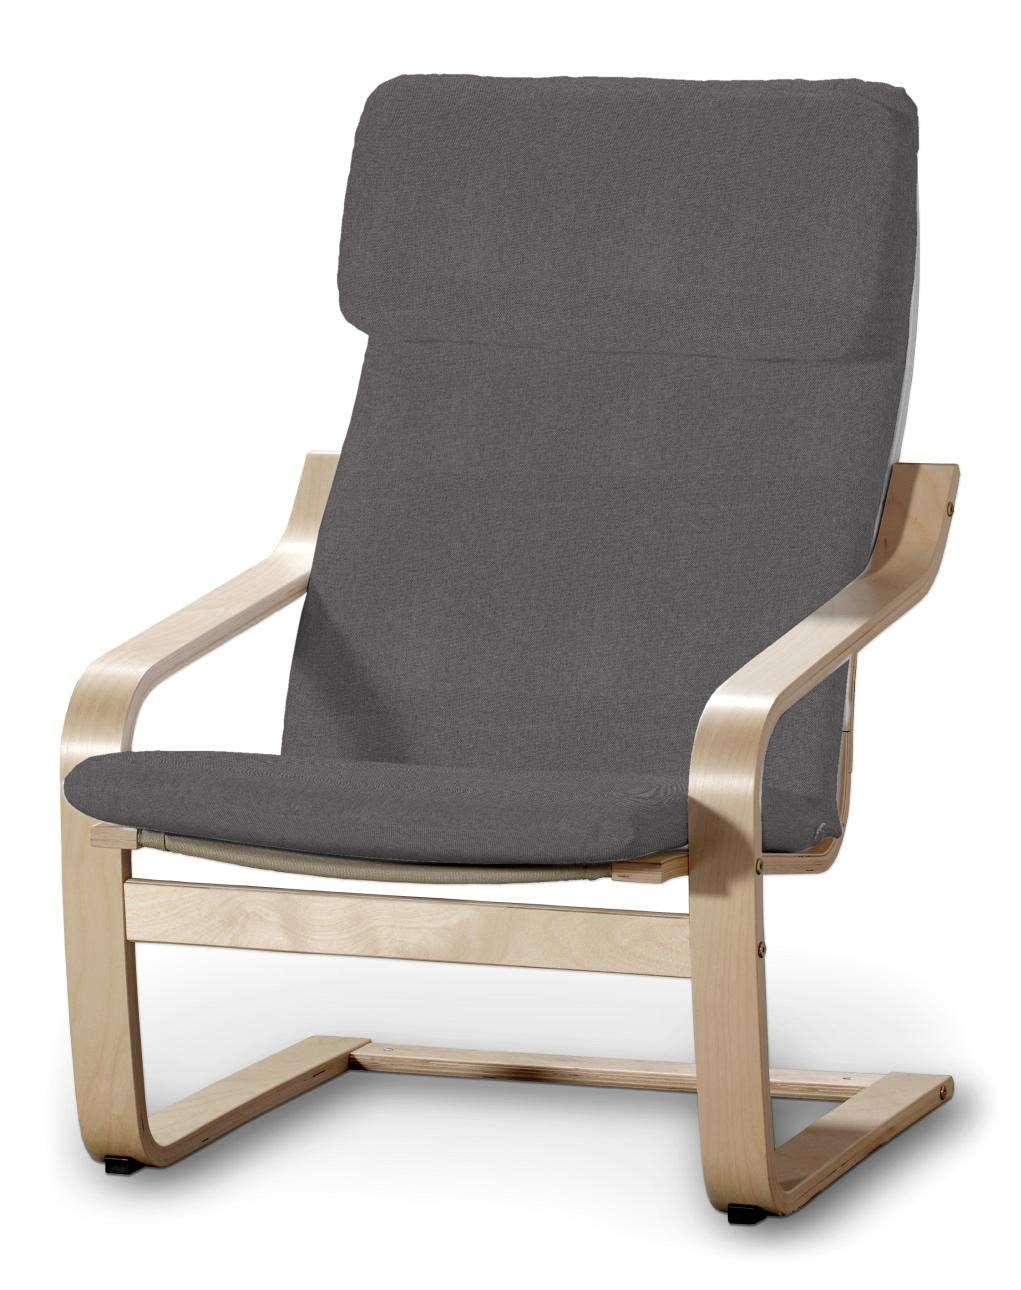 Poäng Sesselbezug I Sessel Poäng von der Kollektion Etna, Stoff: 705-35